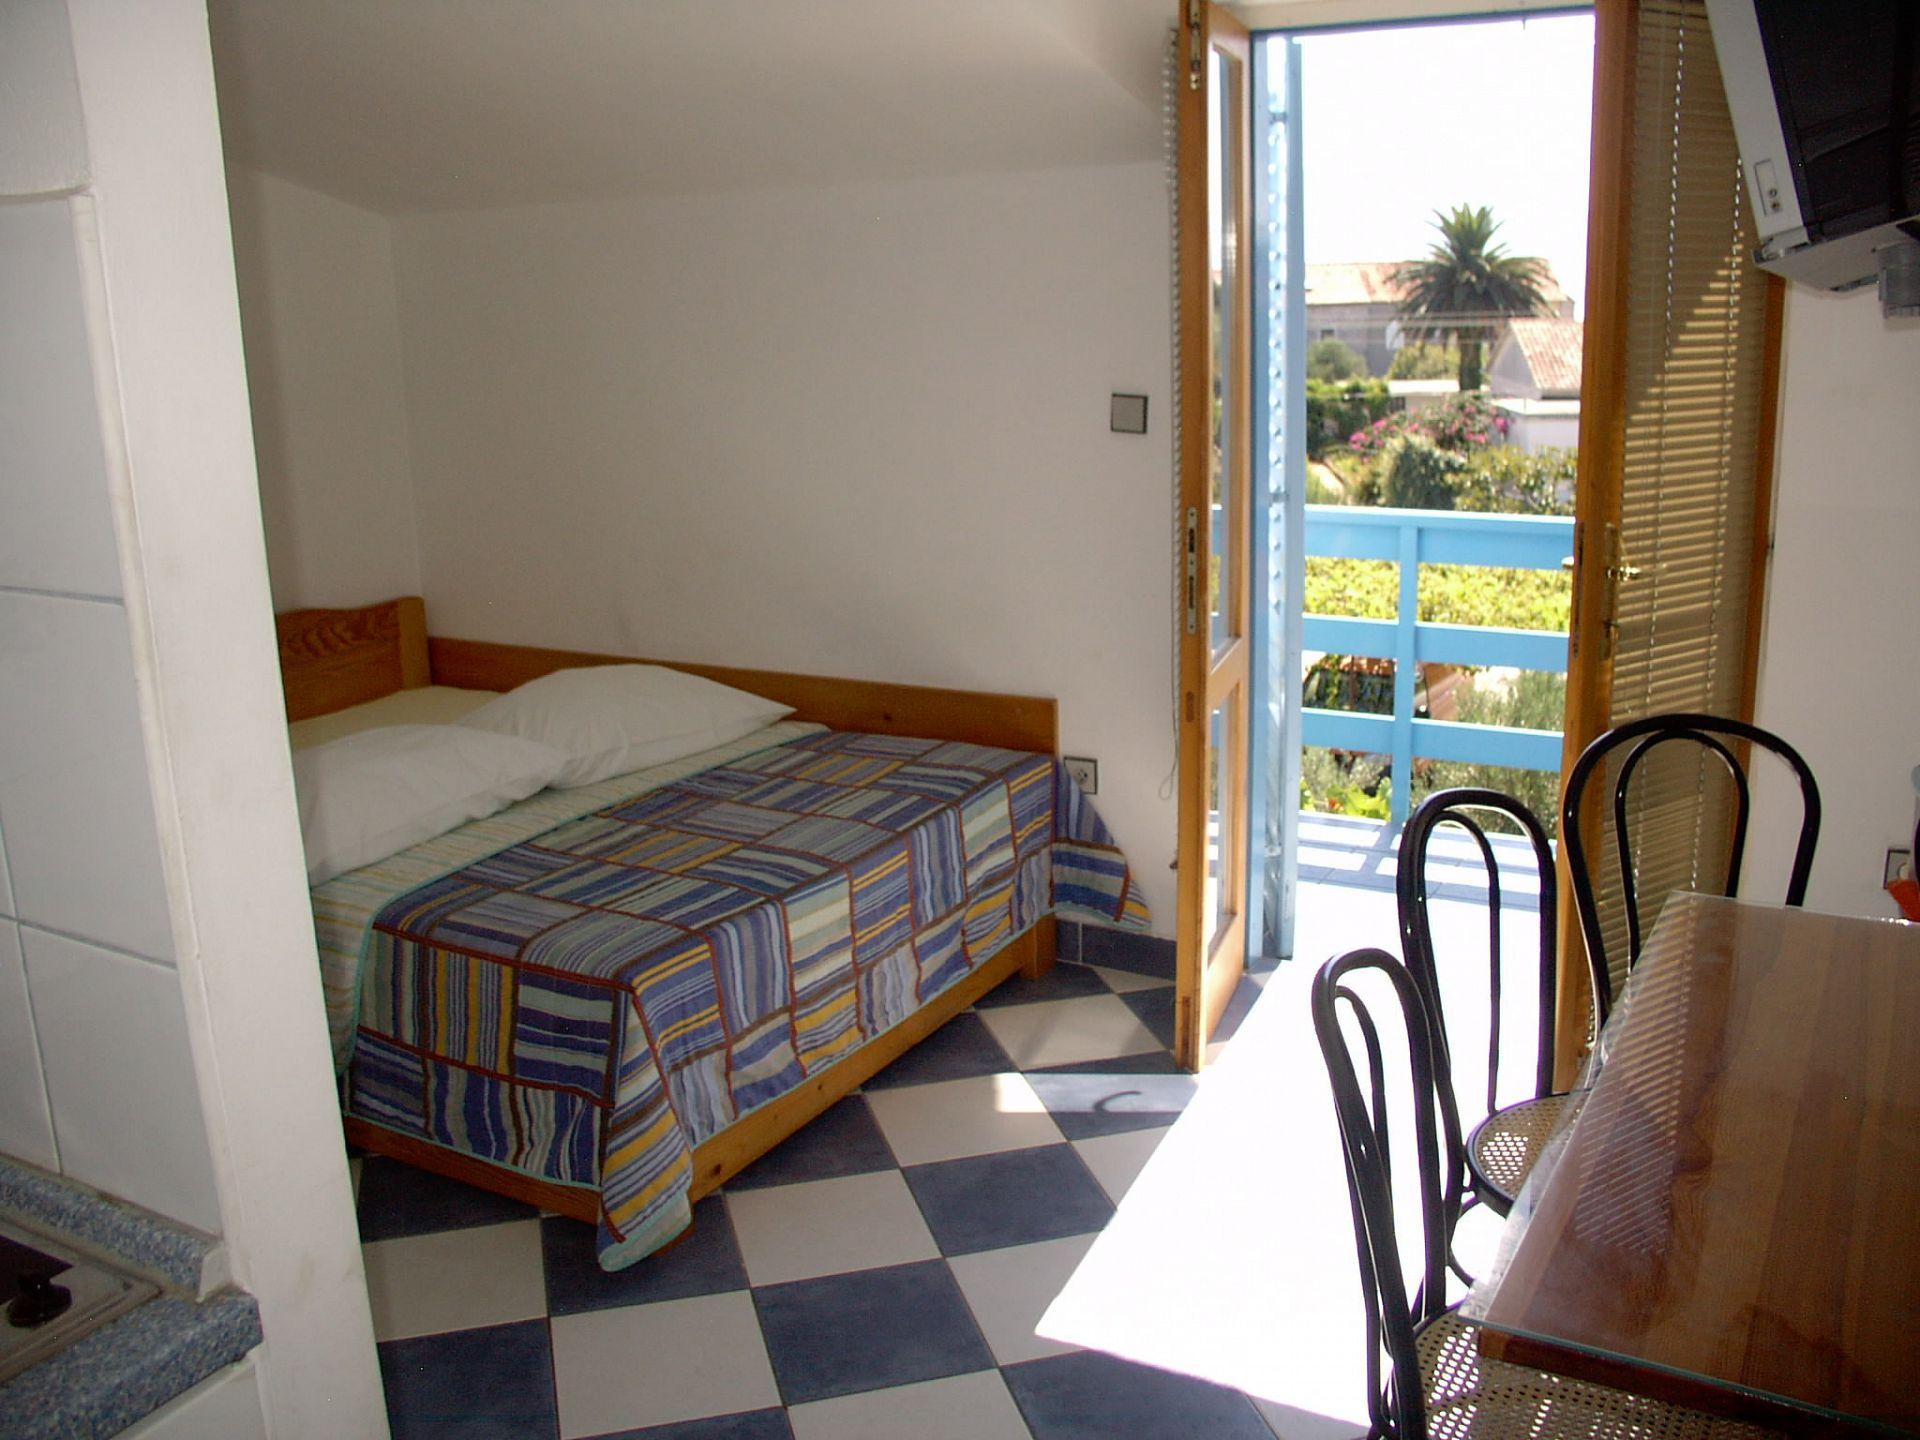 003SUCU  - Sucuraj - Appartementen Kroatië - A11(3+2): interieur